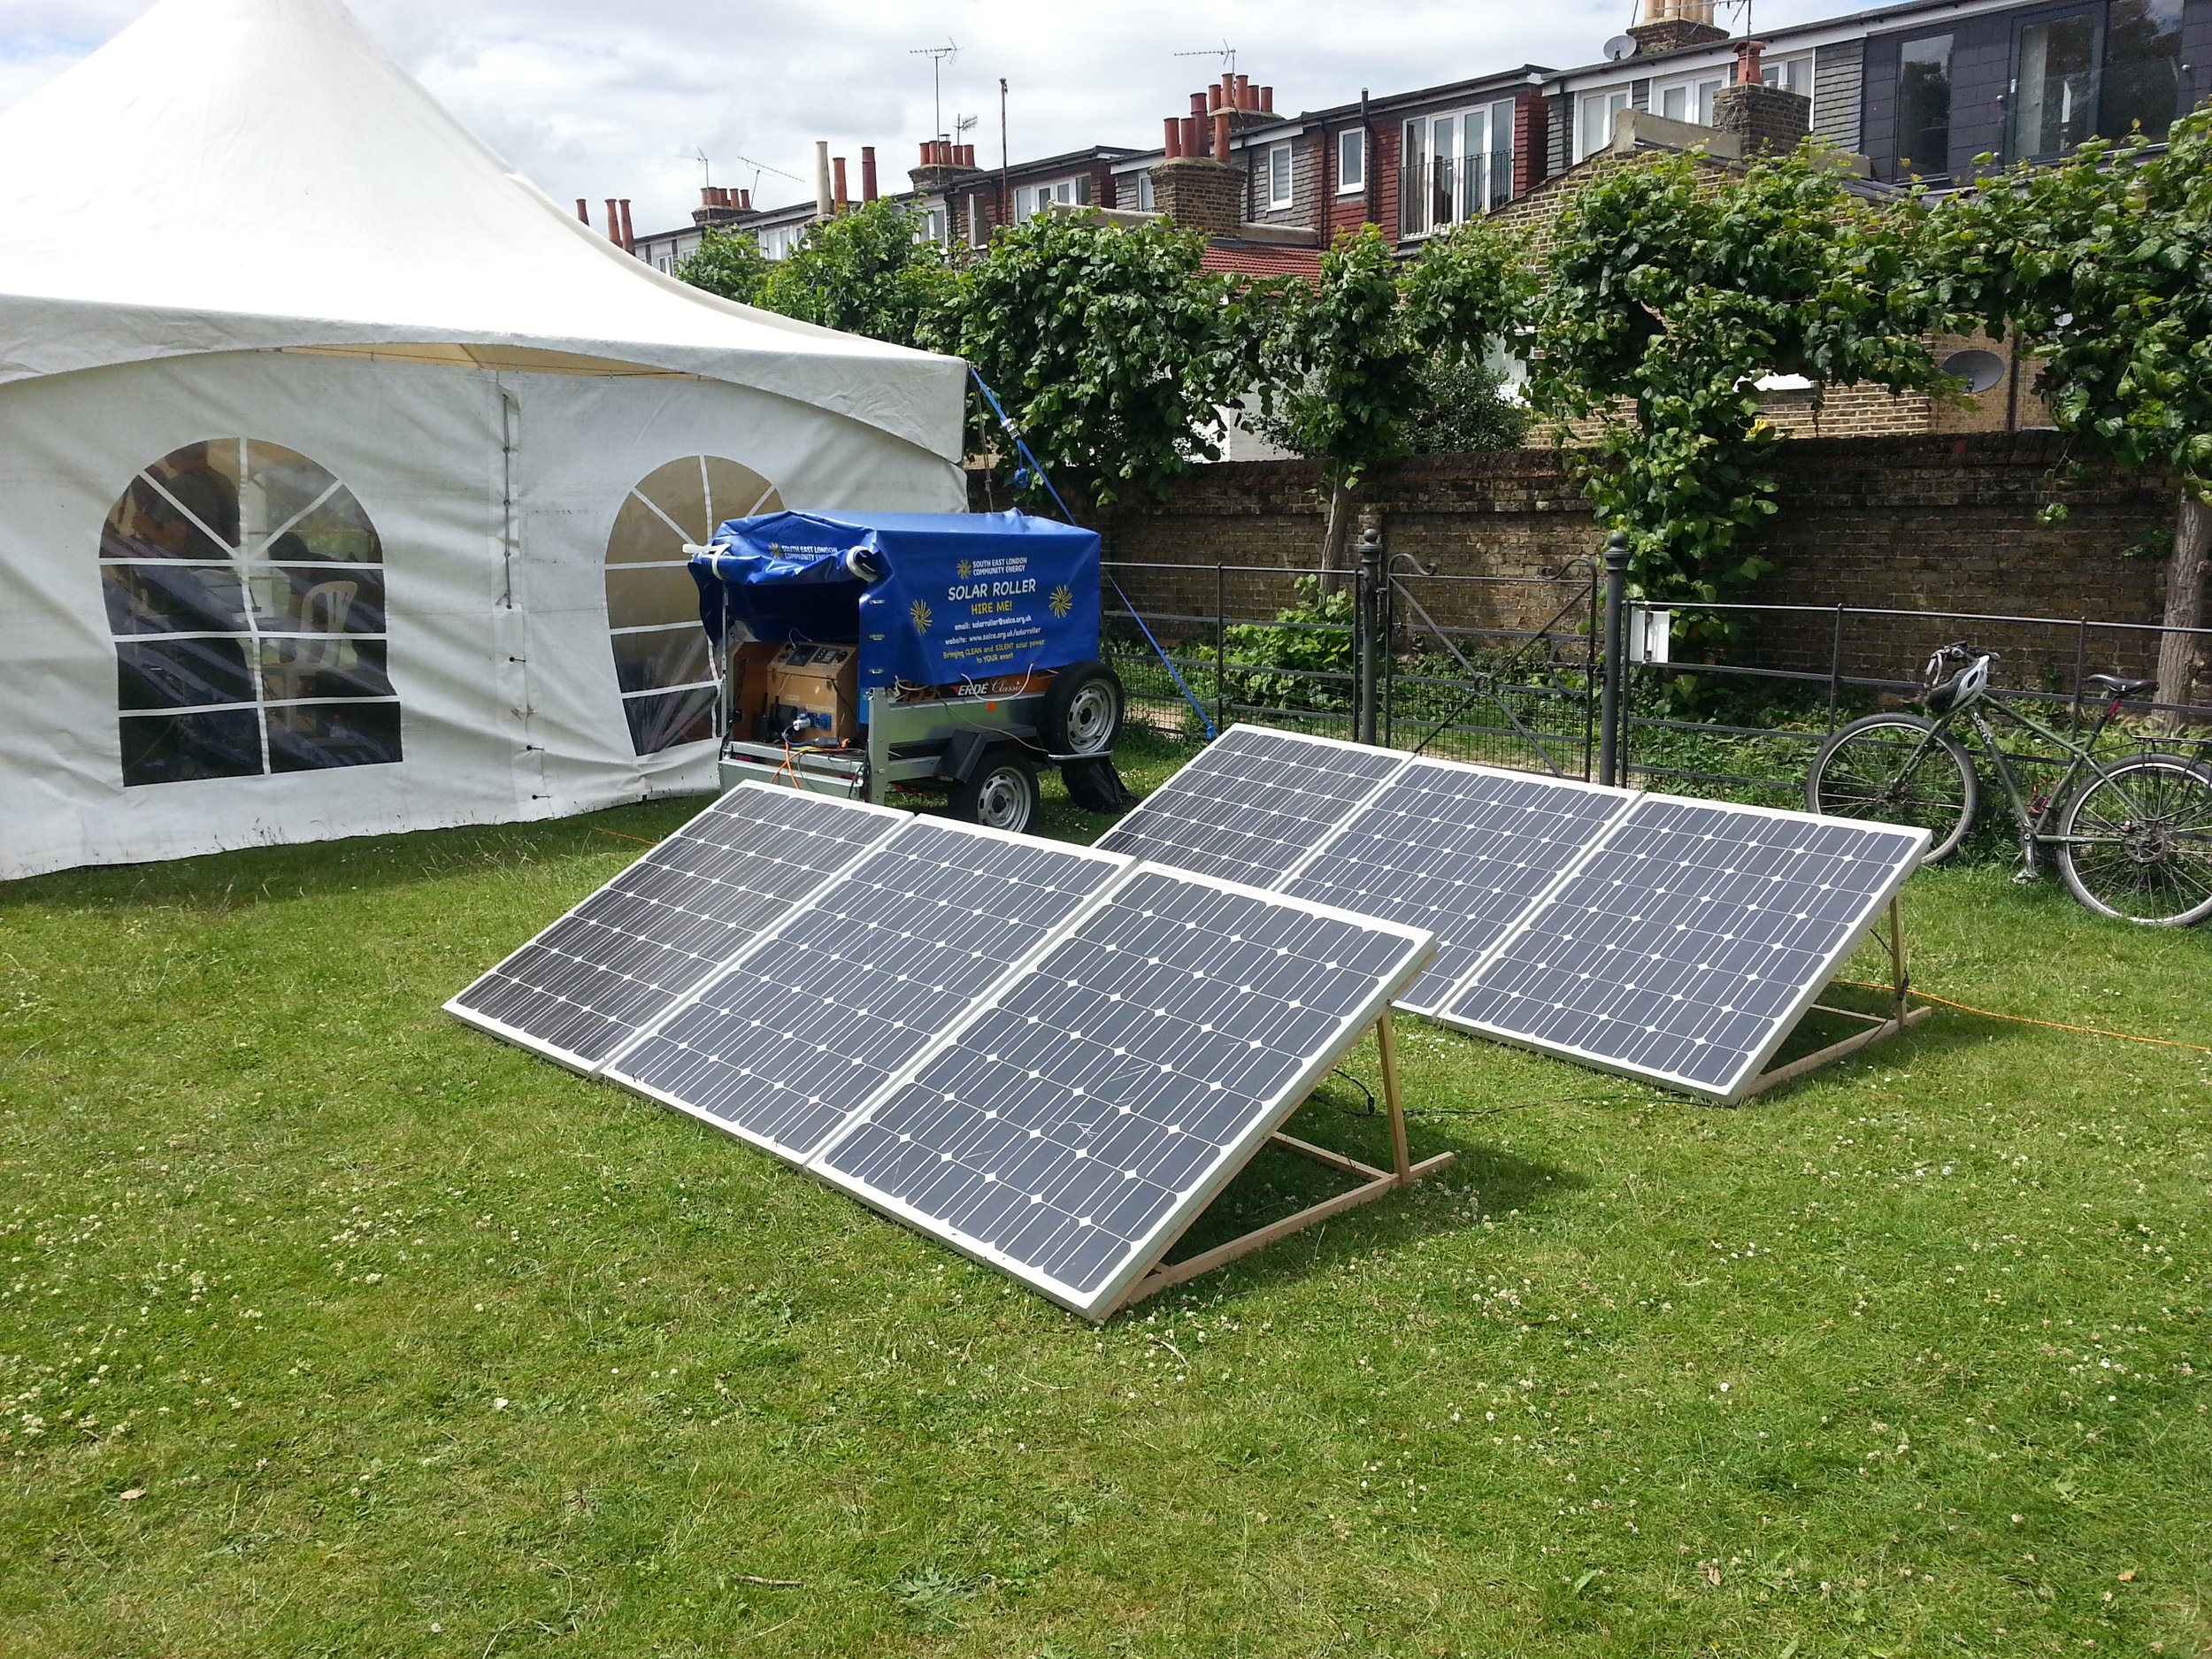 Mobile solar power -